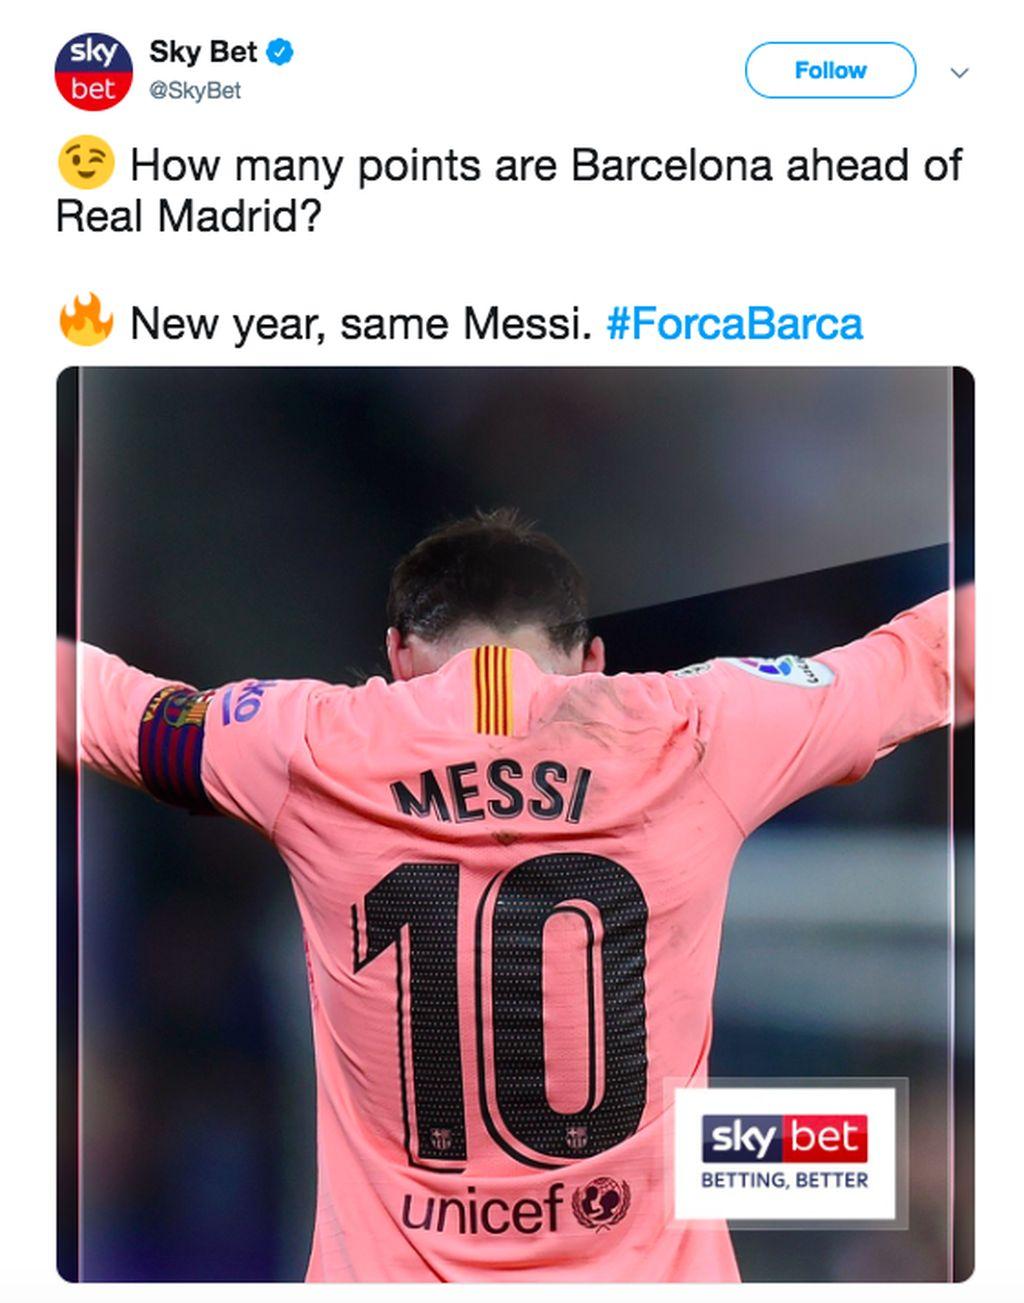 Nomor 10 di kostum Lionel Messi persis dengan selisih angka antara Real Madrid dan Barcelona di Liga Spanyol, di mana Barcelona di posisi satu dan Madrid posisi kelima. Foto: istimewa